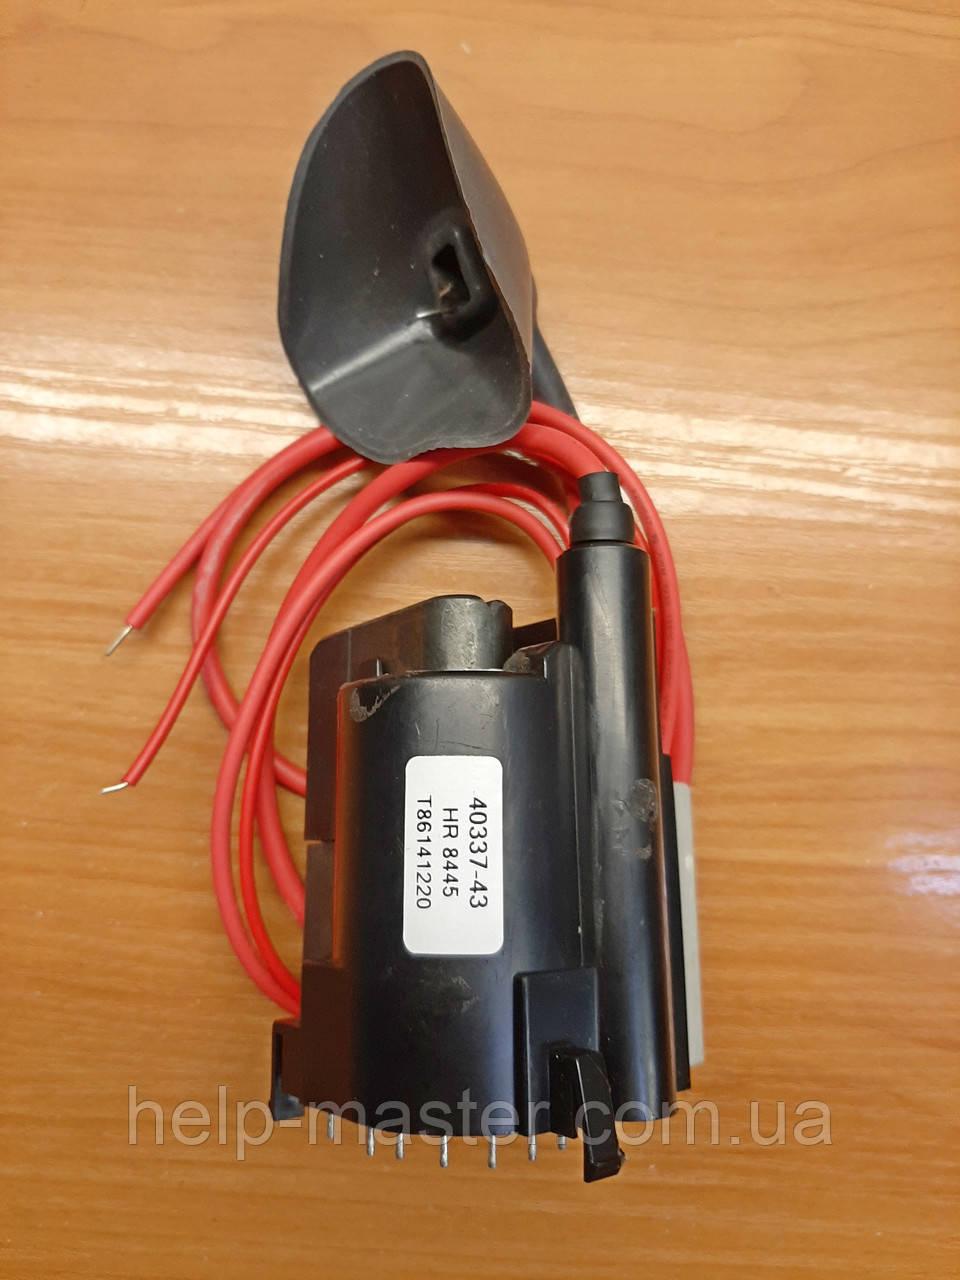 Строчный трансформатор (ТДКС) 40337-43